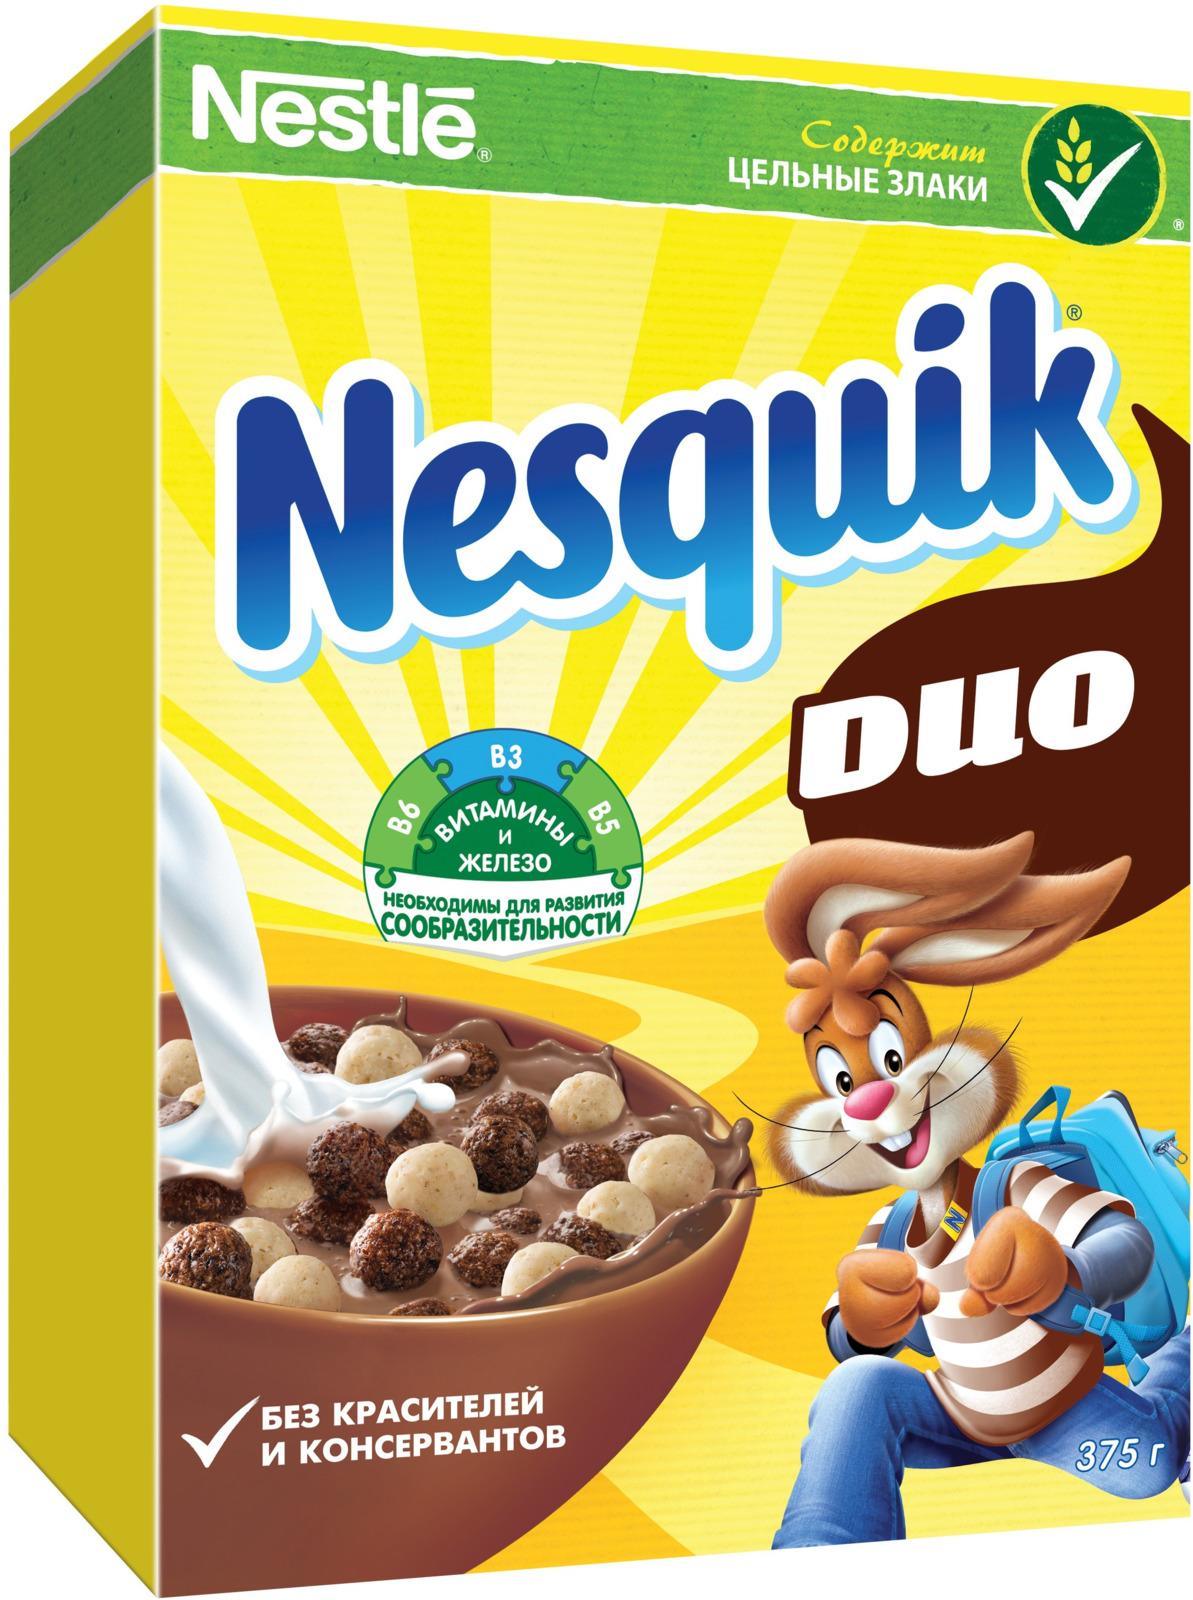 Nestle Nesquik Шоколадные шарики DUO готовый завтрак, 375 г шоколадный батончик nesquik 43г